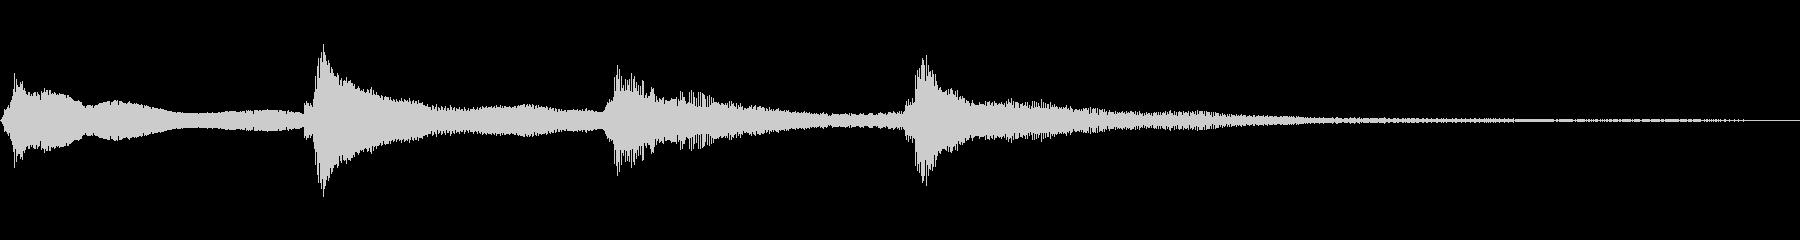 ピンポンパンポンの未再生の波形